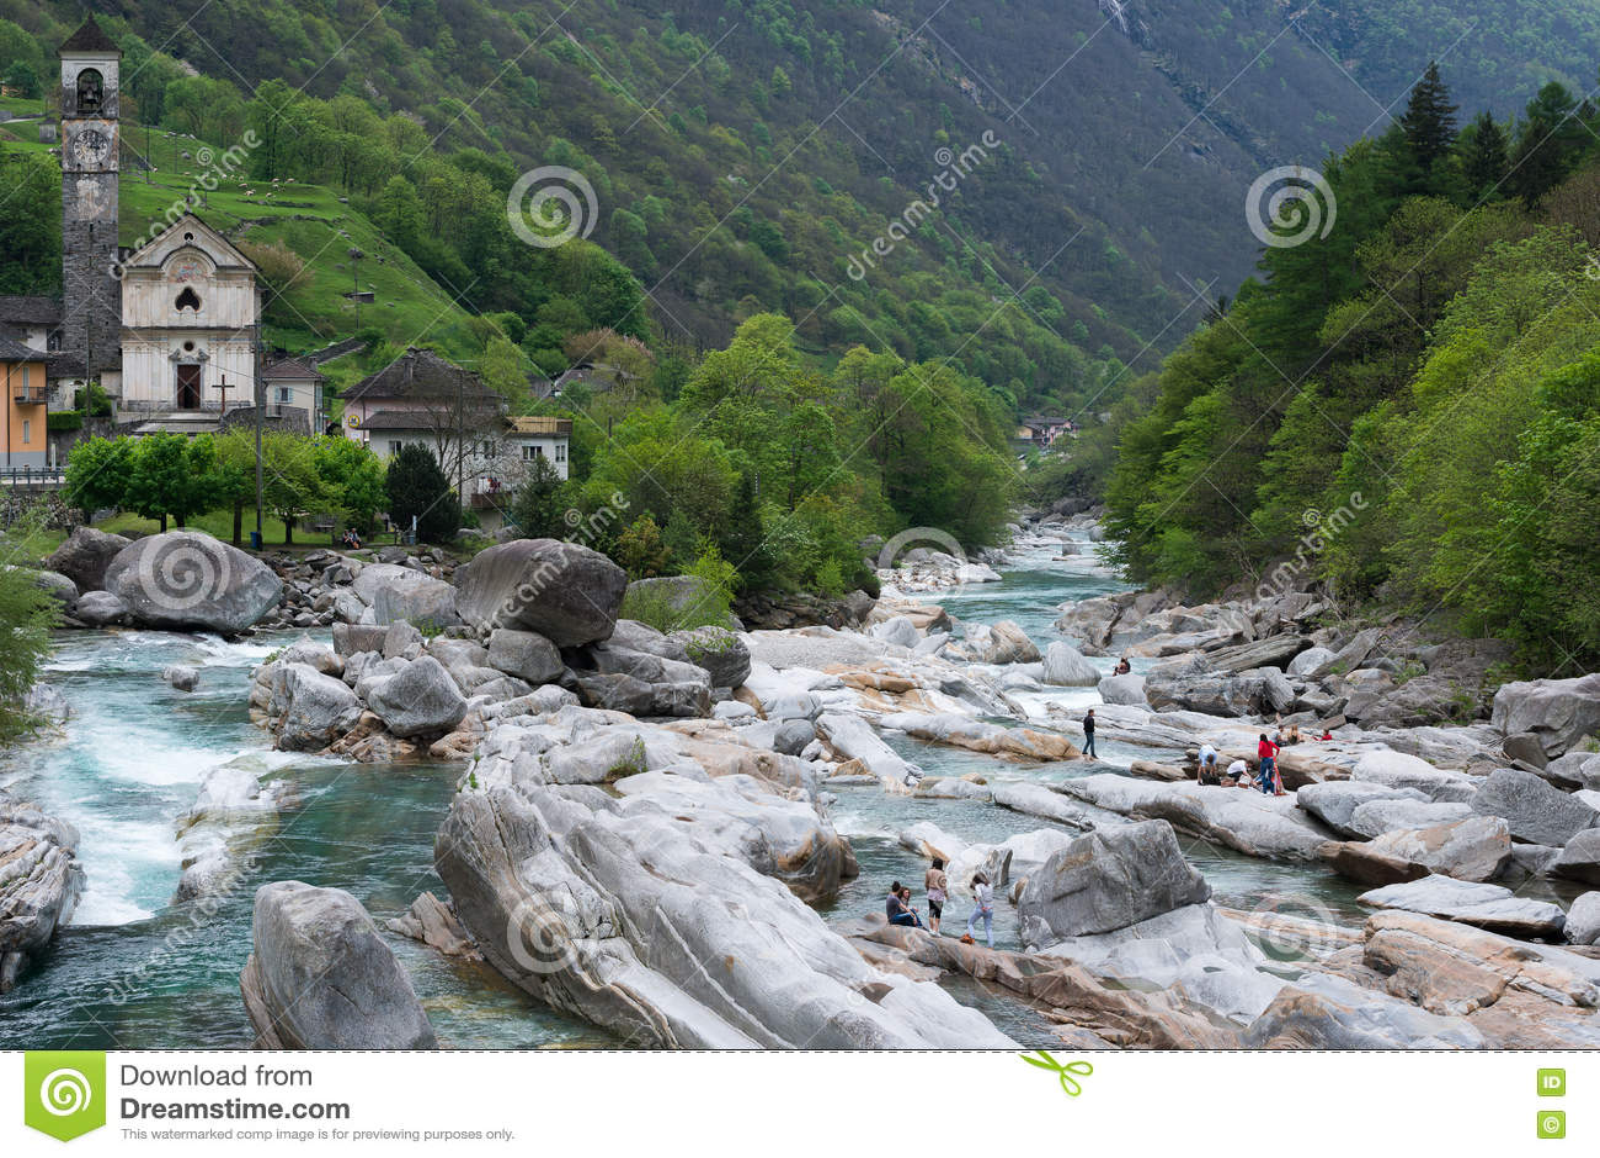 Fiume della montagna vicino alla citt di lavertezzo svizzera fotografia stock immagine 71756674 - Letto di un fiume ...